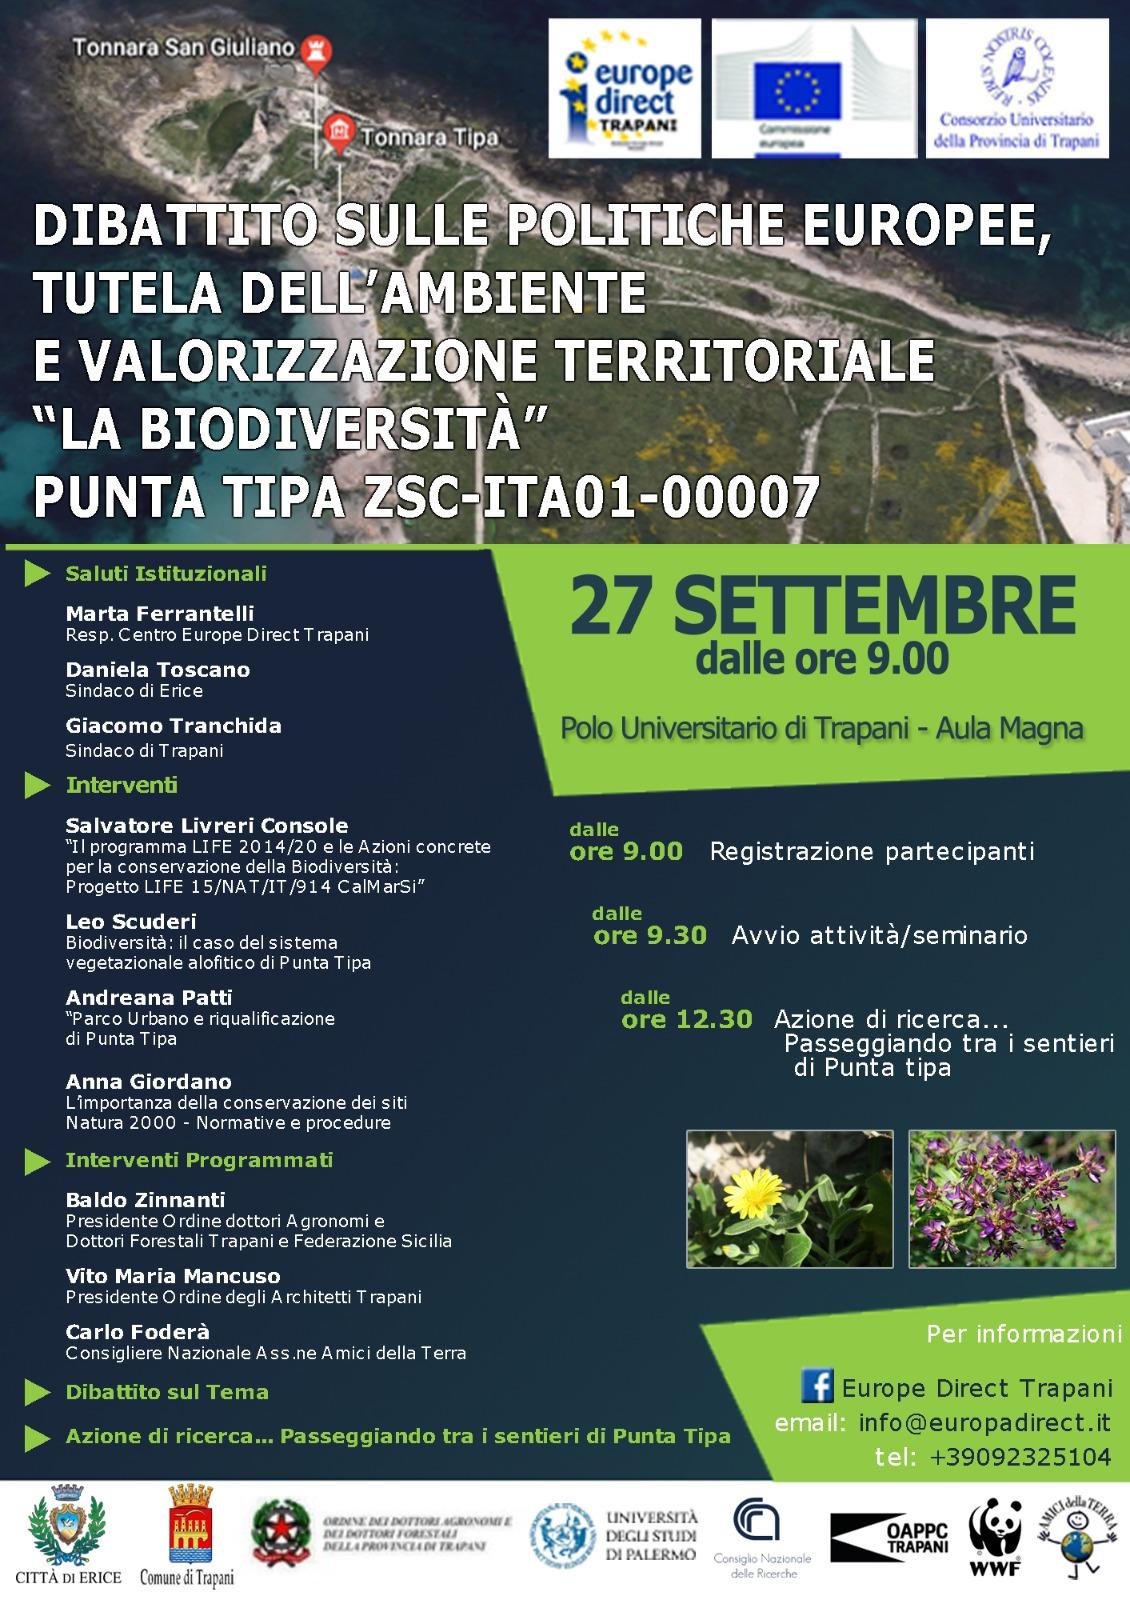 La biodiversità di Punta Tipa, 27 settembre Aula Magna del Polo Universitario Trapani - Dibattito sulle politiche europee, tutela dell'ambiente e valorizzazione territoriale